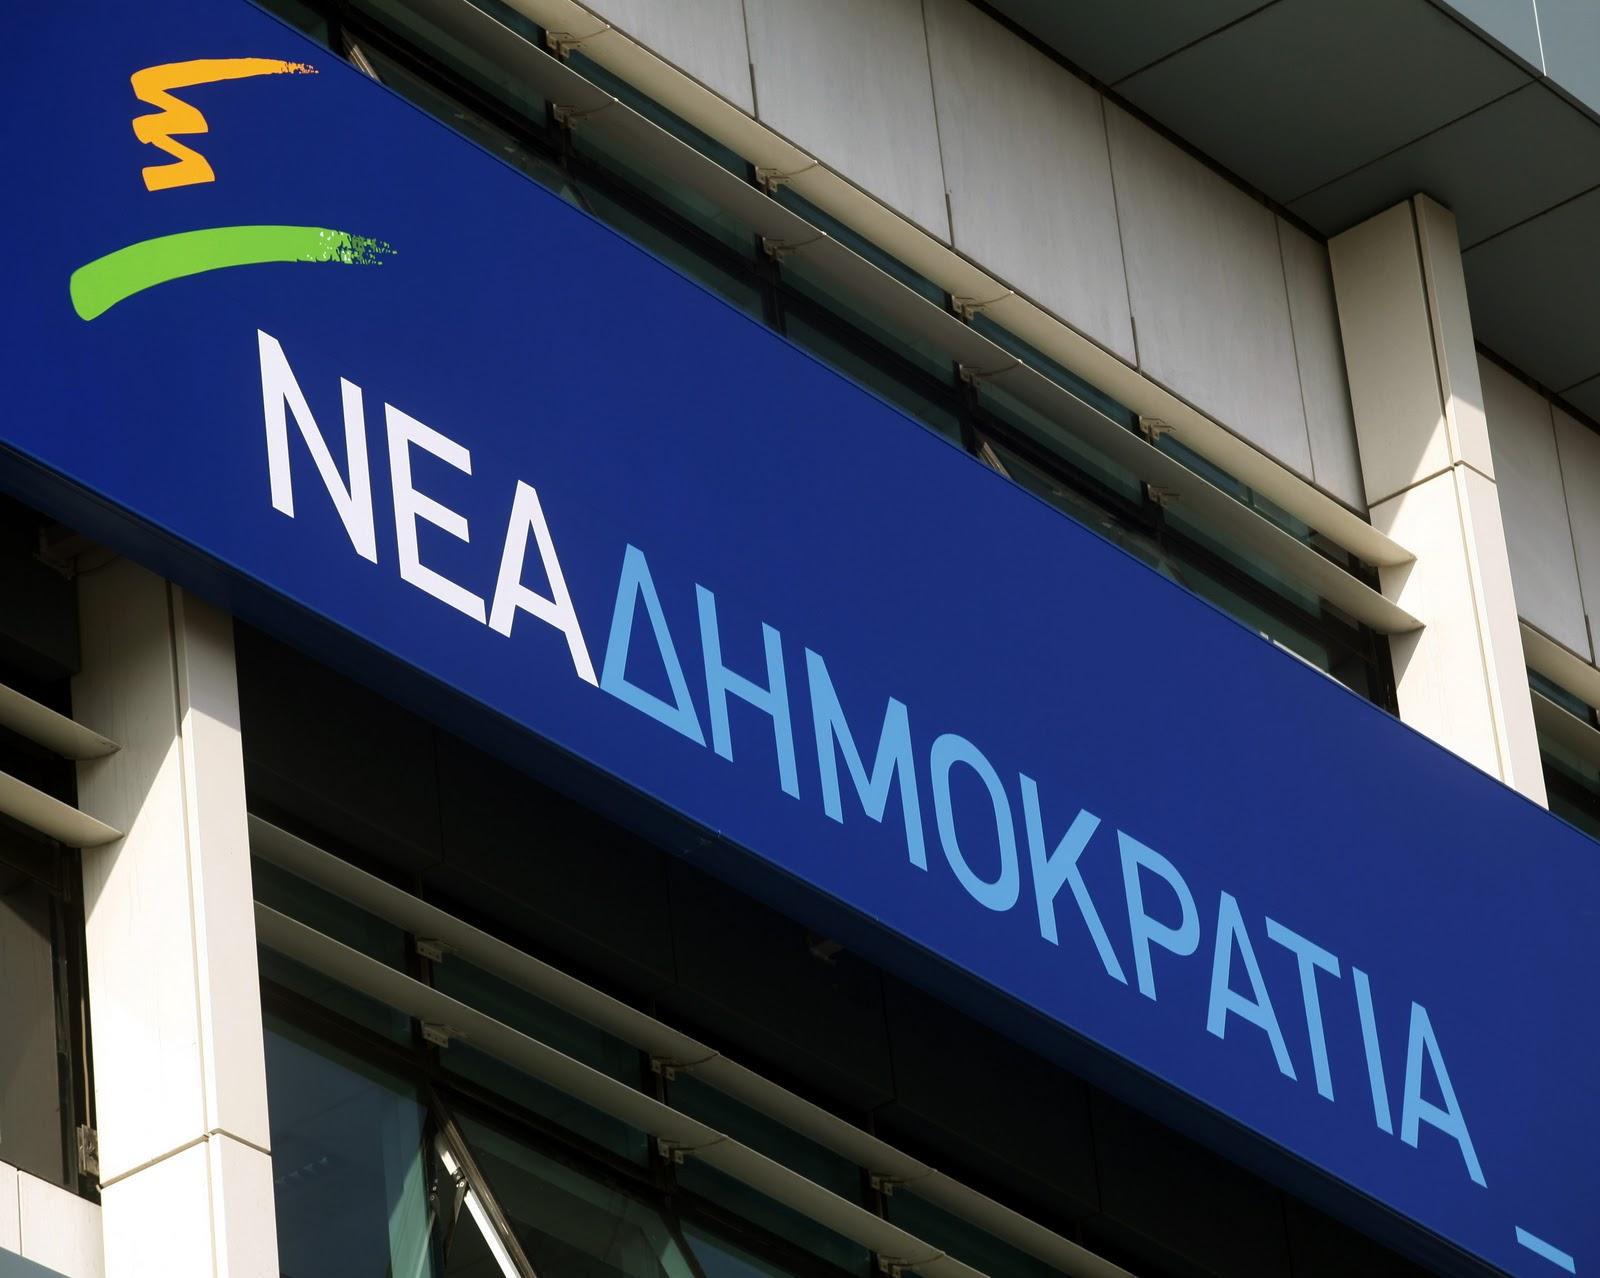 ΝΔ: «Έτοιμοι να αλλάξουμε την Ελλάδα» το σύνθημα του Συνεδρίου